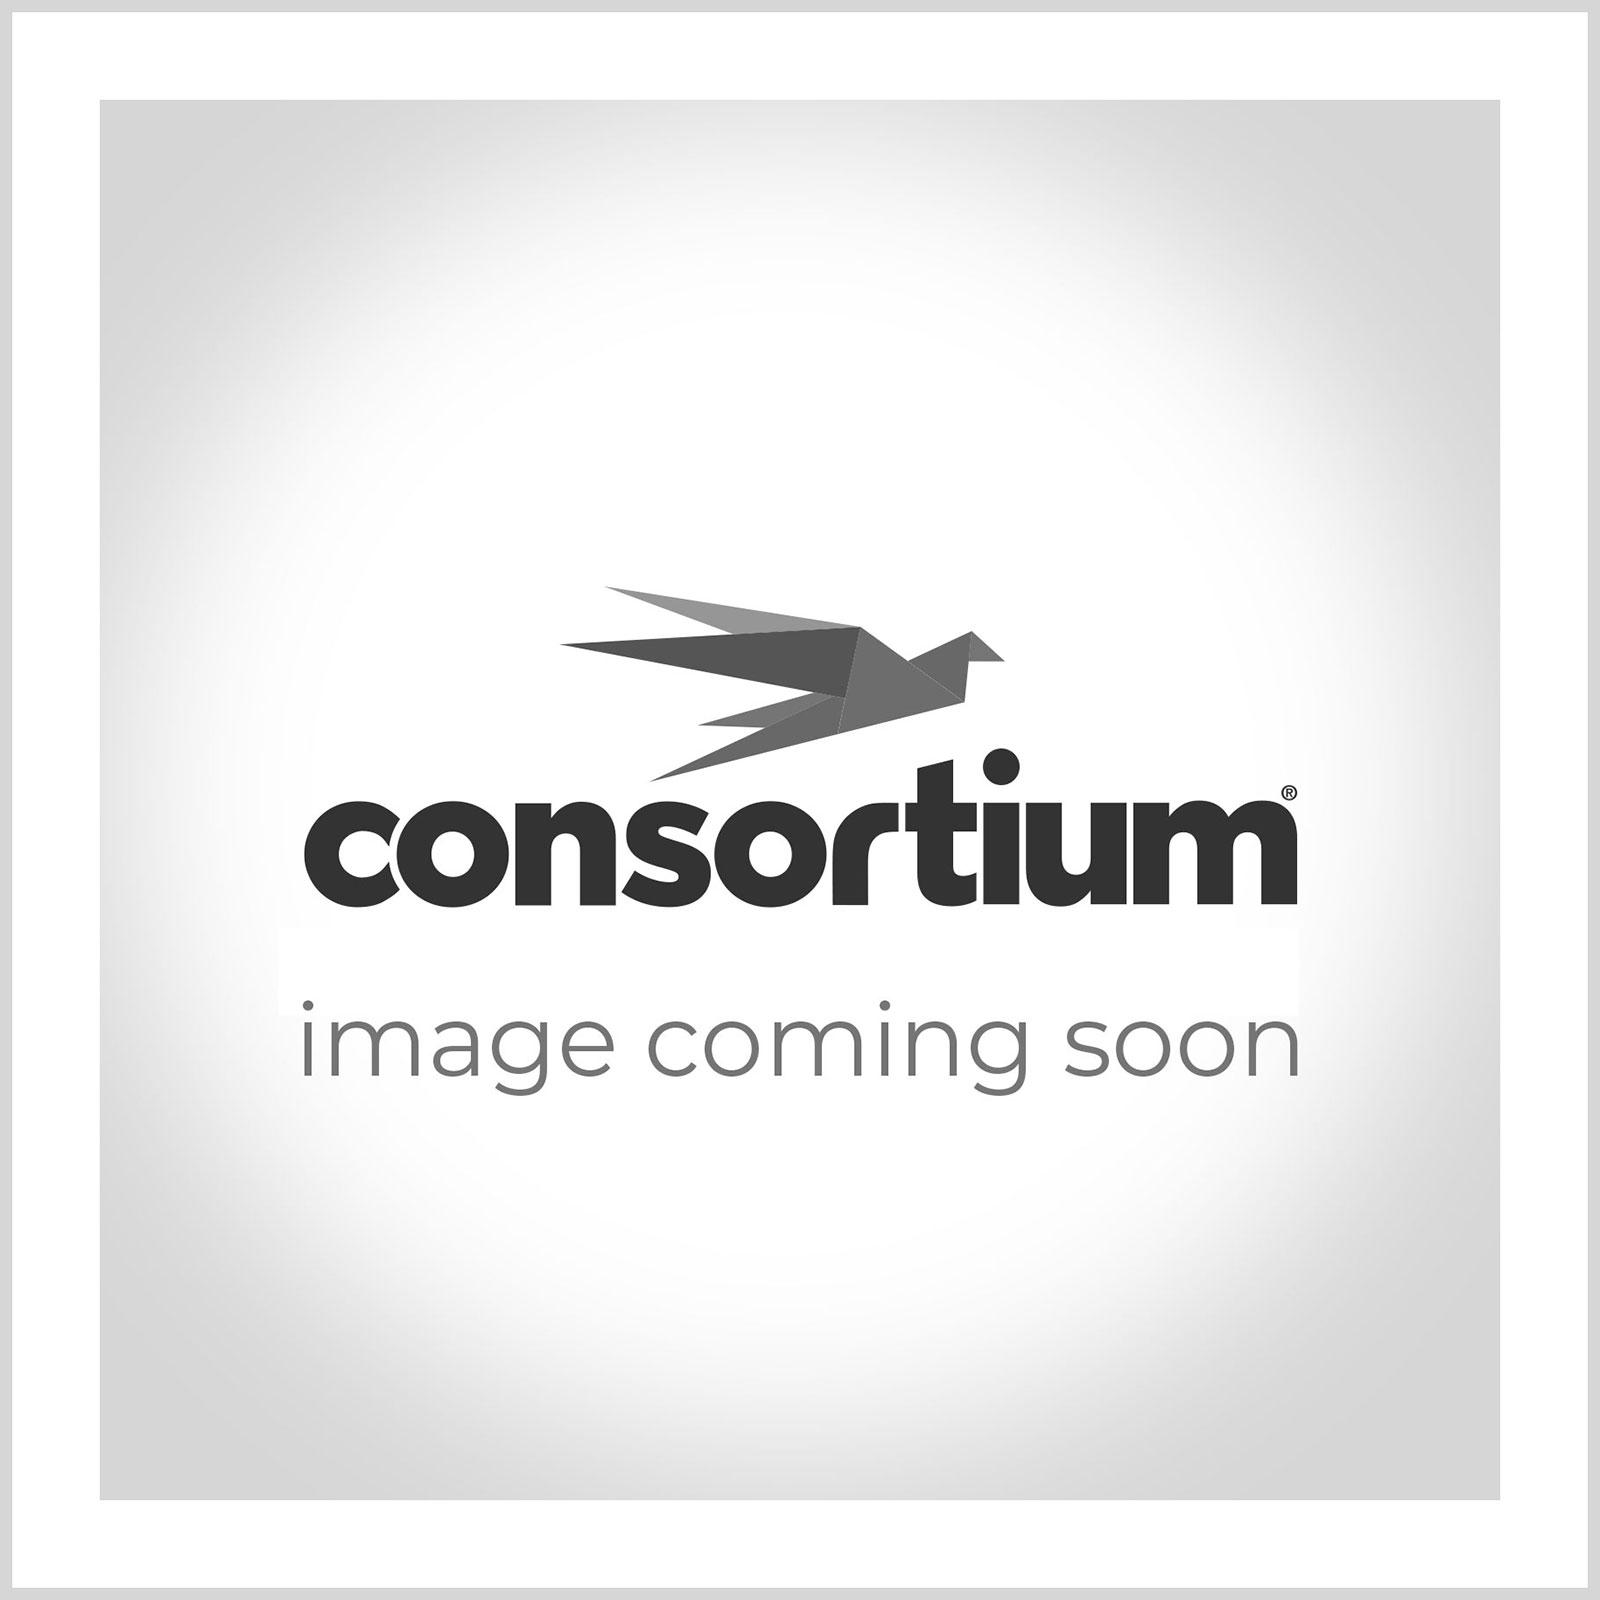 School Council Bar Badges